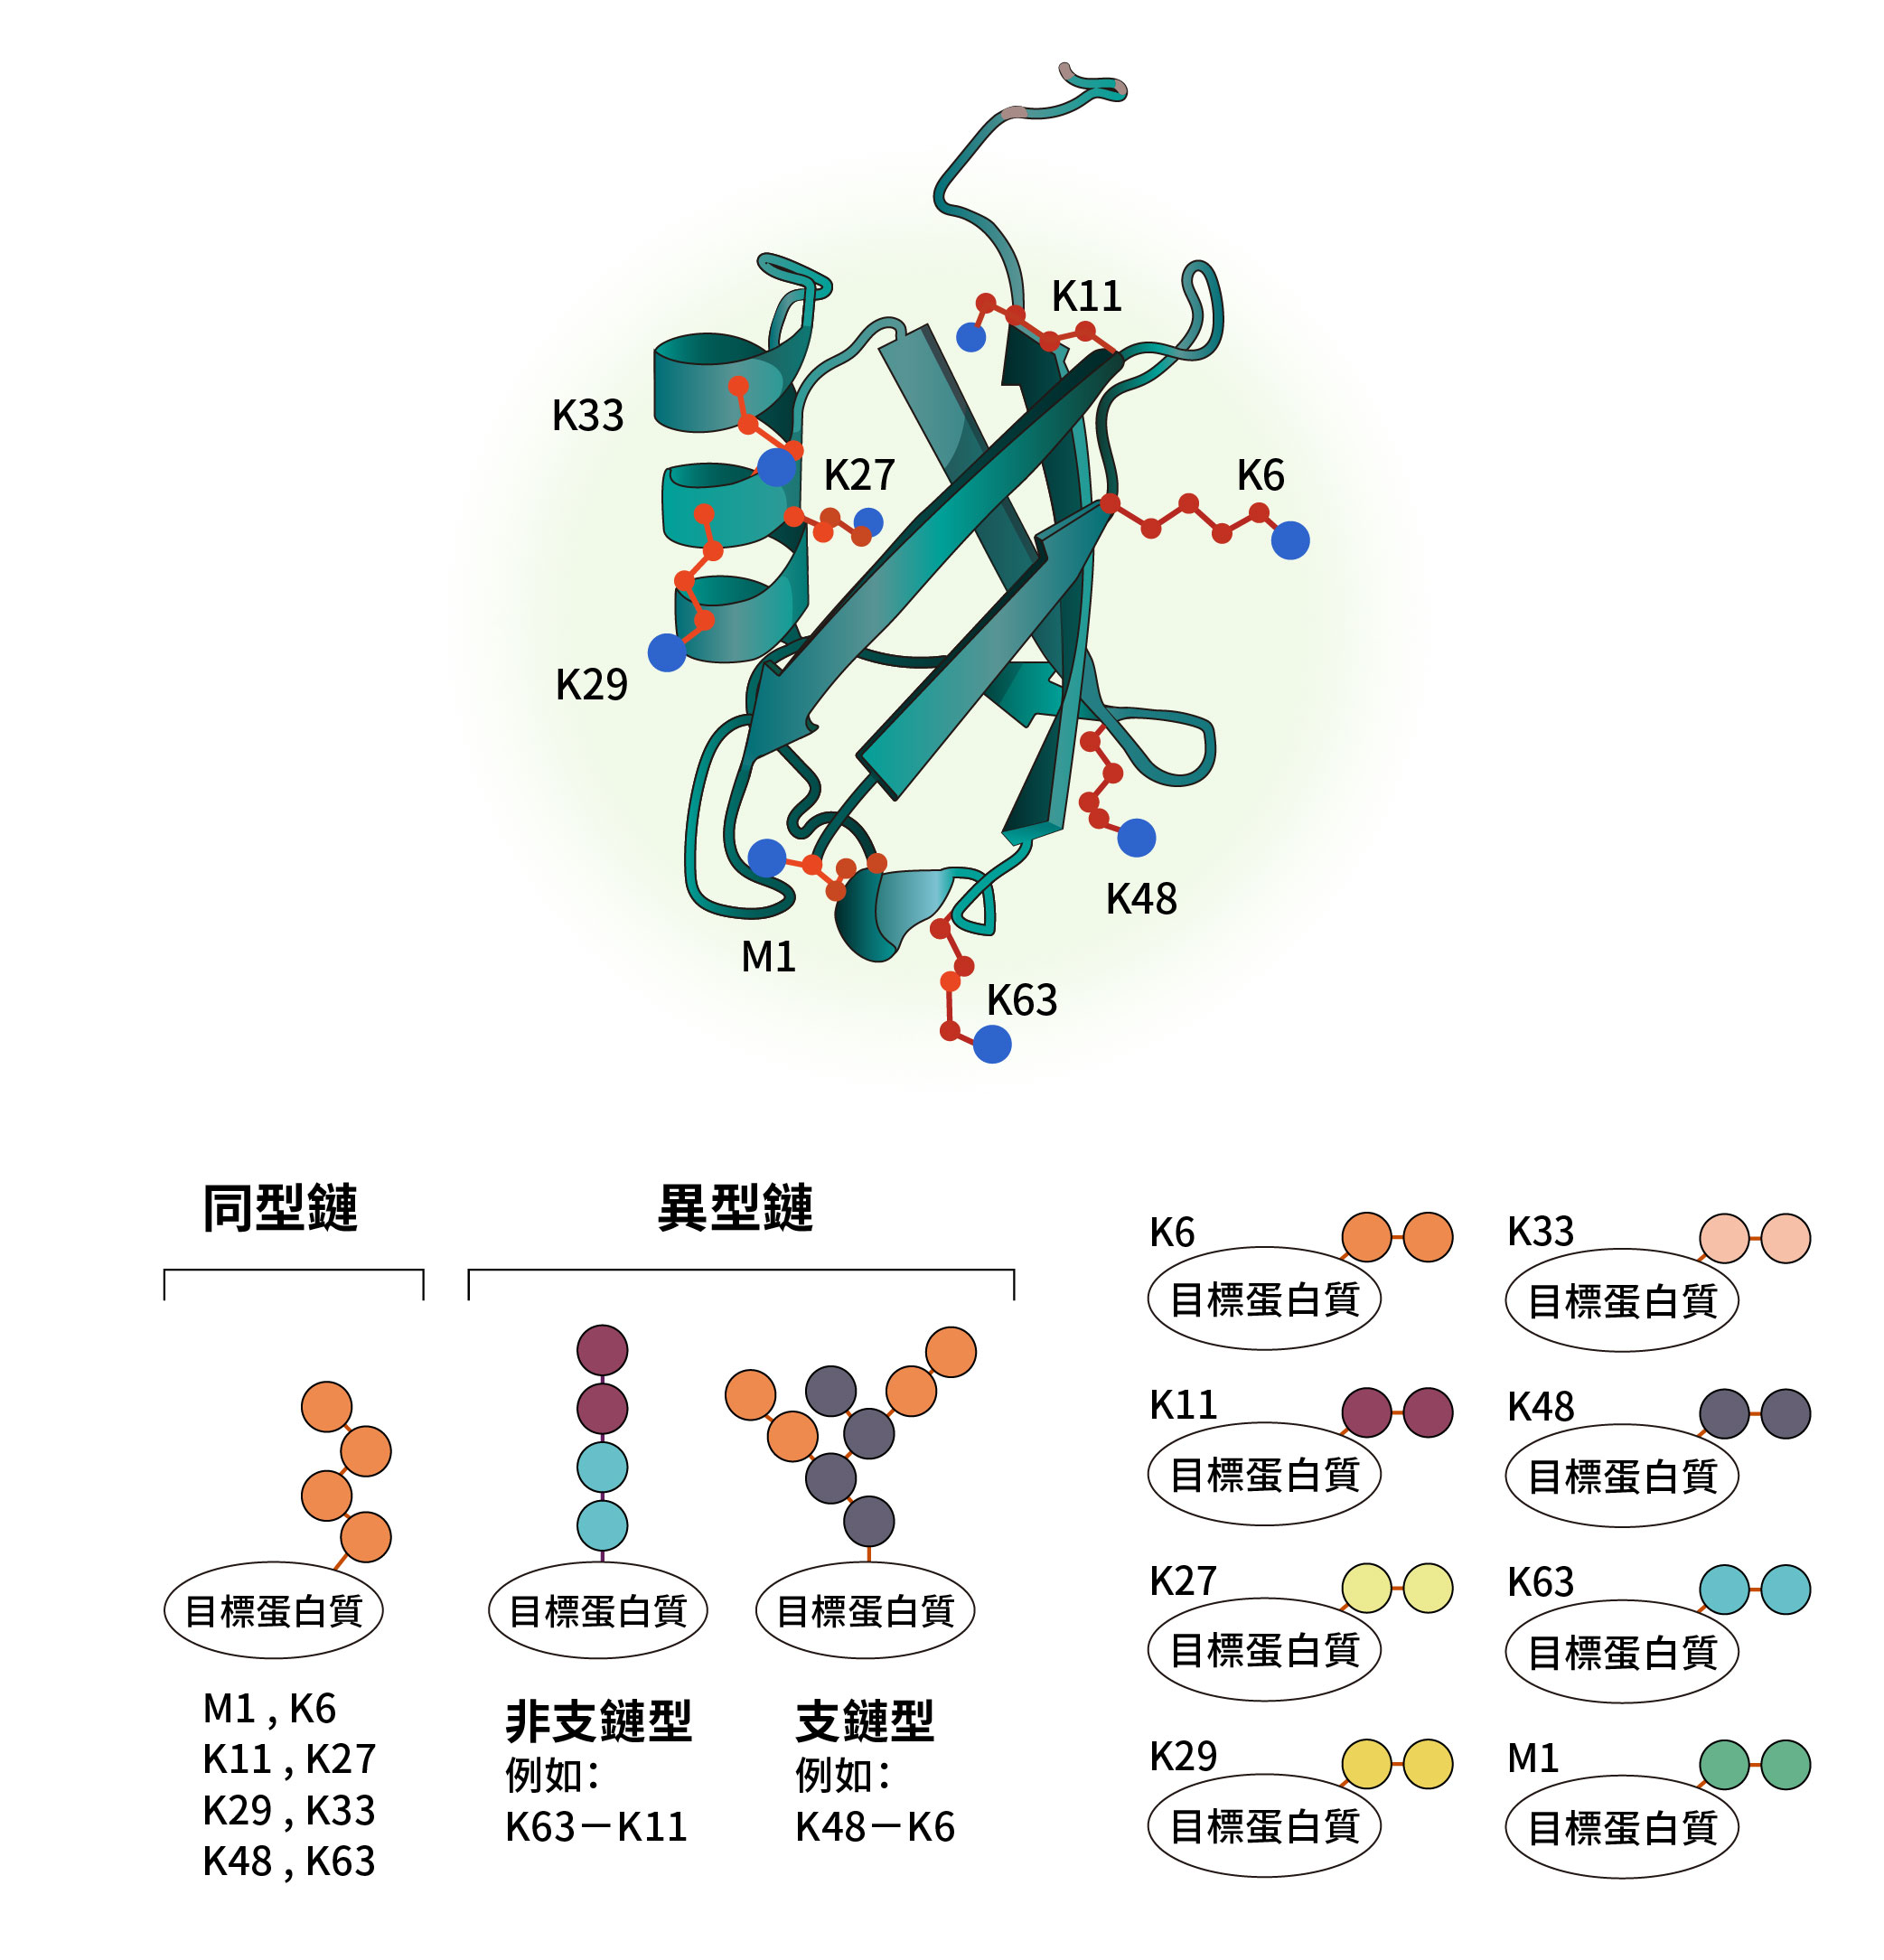 泛素接合蛋白質分子的各種複雜情況,陳瑞華關注的酵素之一是負責切除 K29 與 K48 分支的去泛素酶「TRABID」。圖│研之有物(資料來源│陳瑞華)